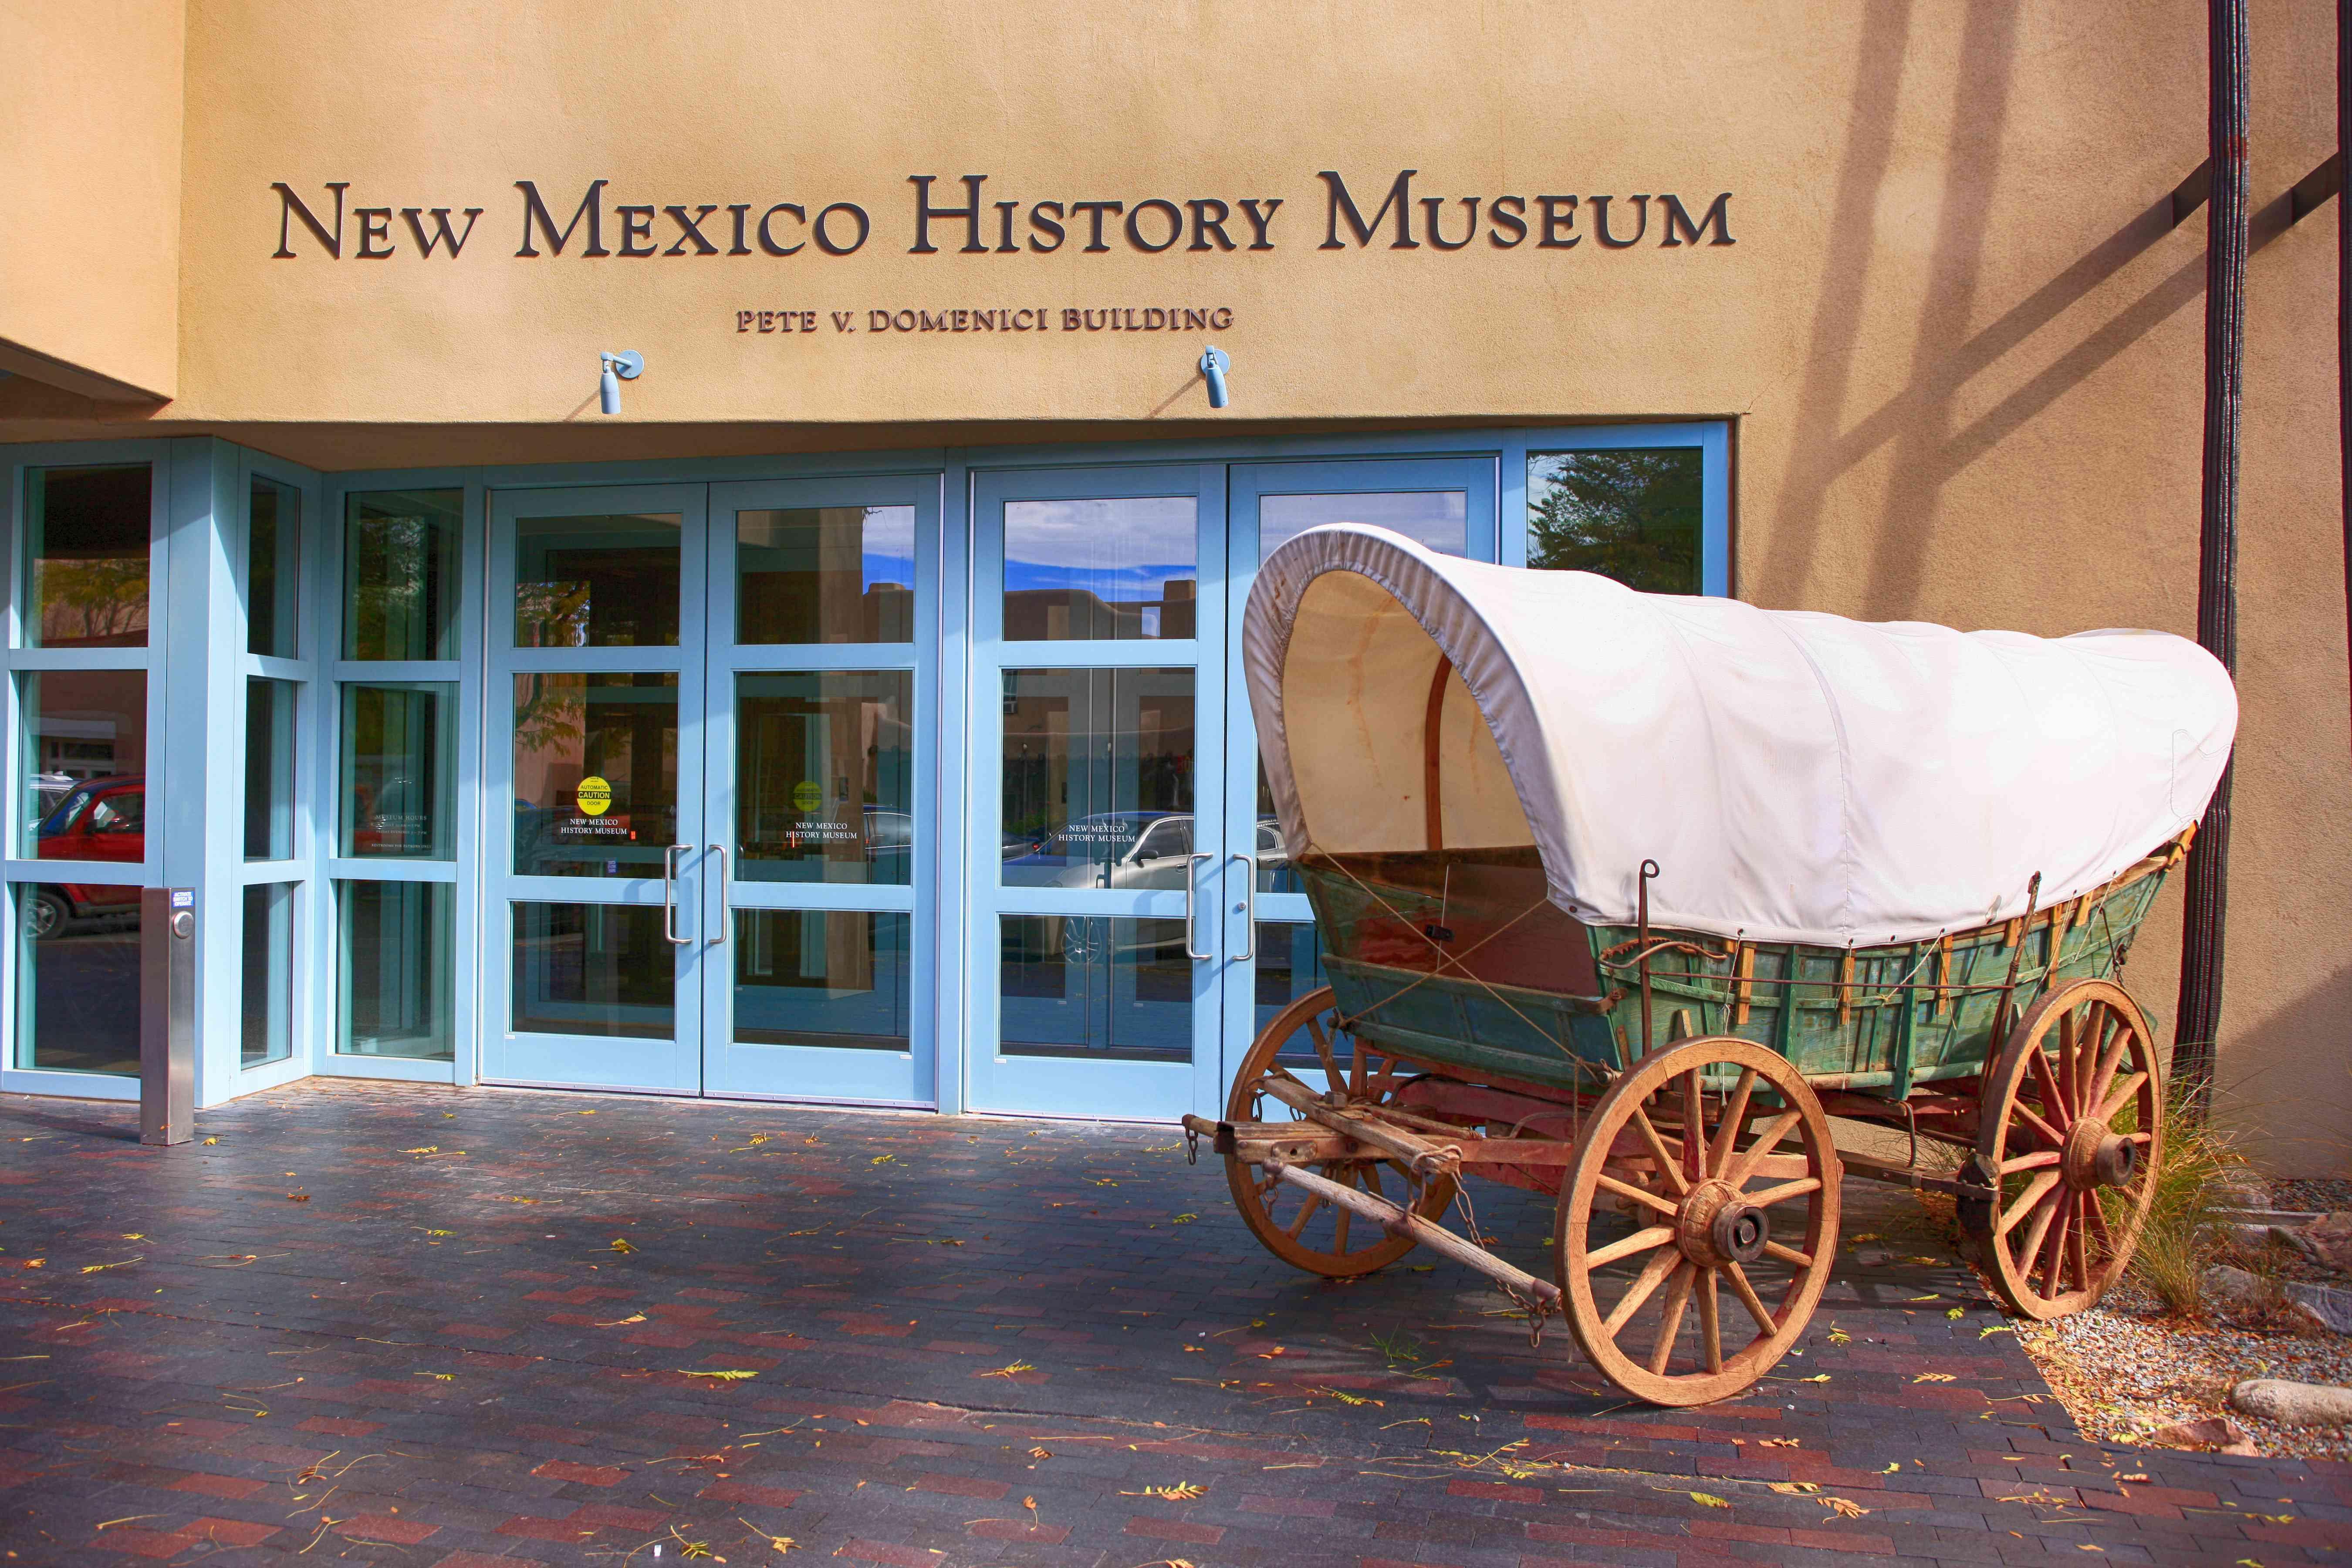 Fuera del Museo de Historia de Nuevo México en Lincoln Ave en el centro de Santa Fe, Nuevo México, EE. UU.